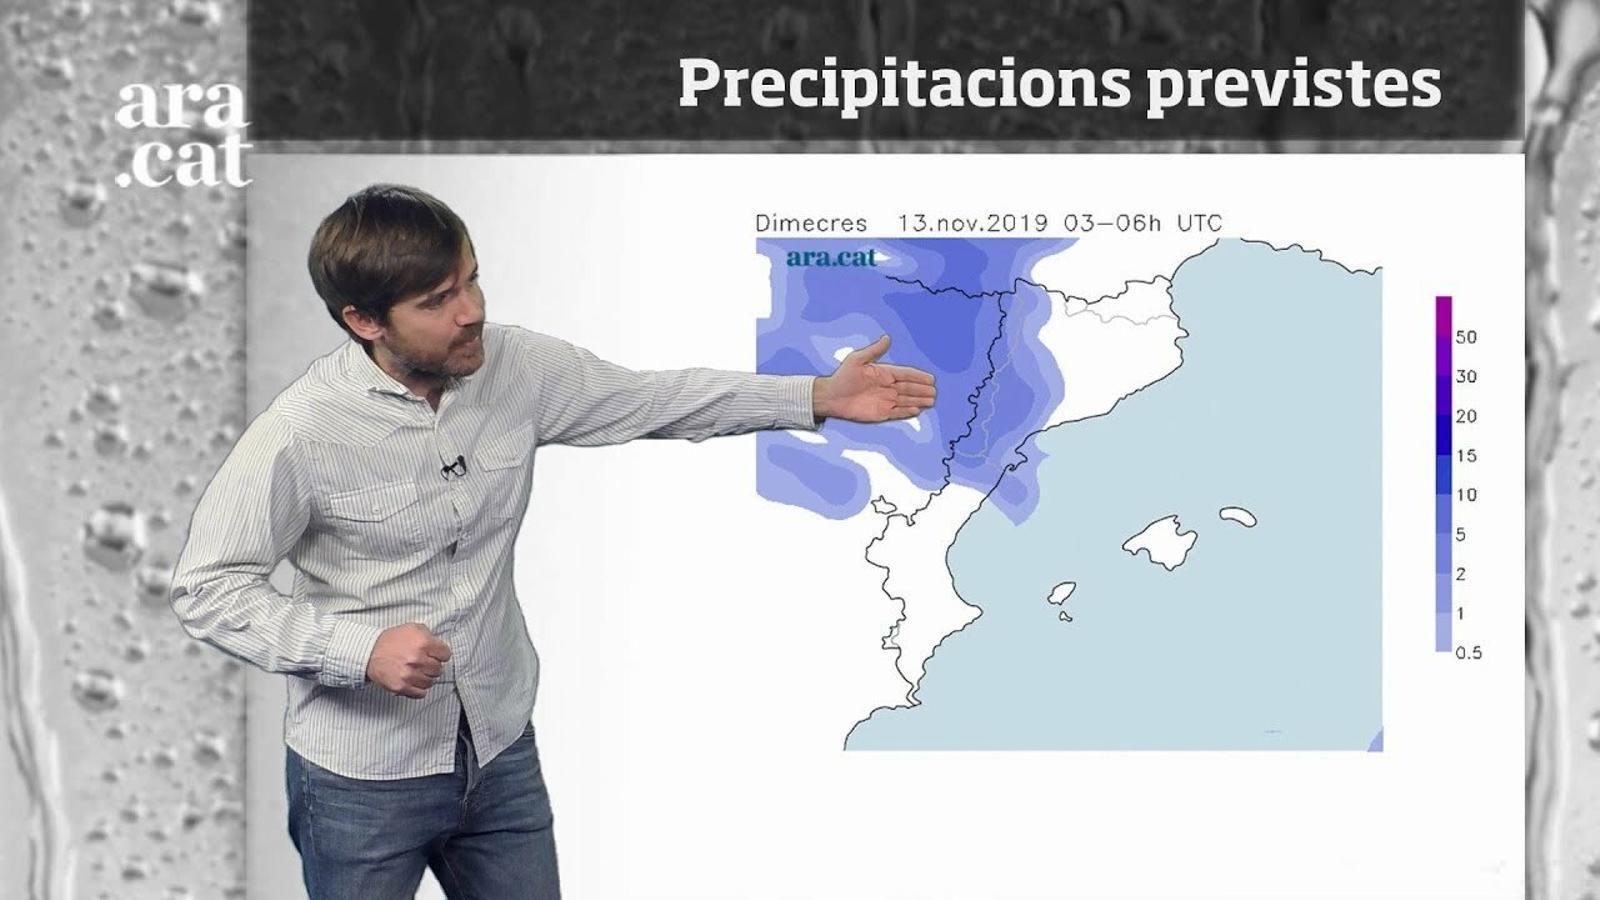 Méteo especial: fred encara més hivernal a partir de dijous